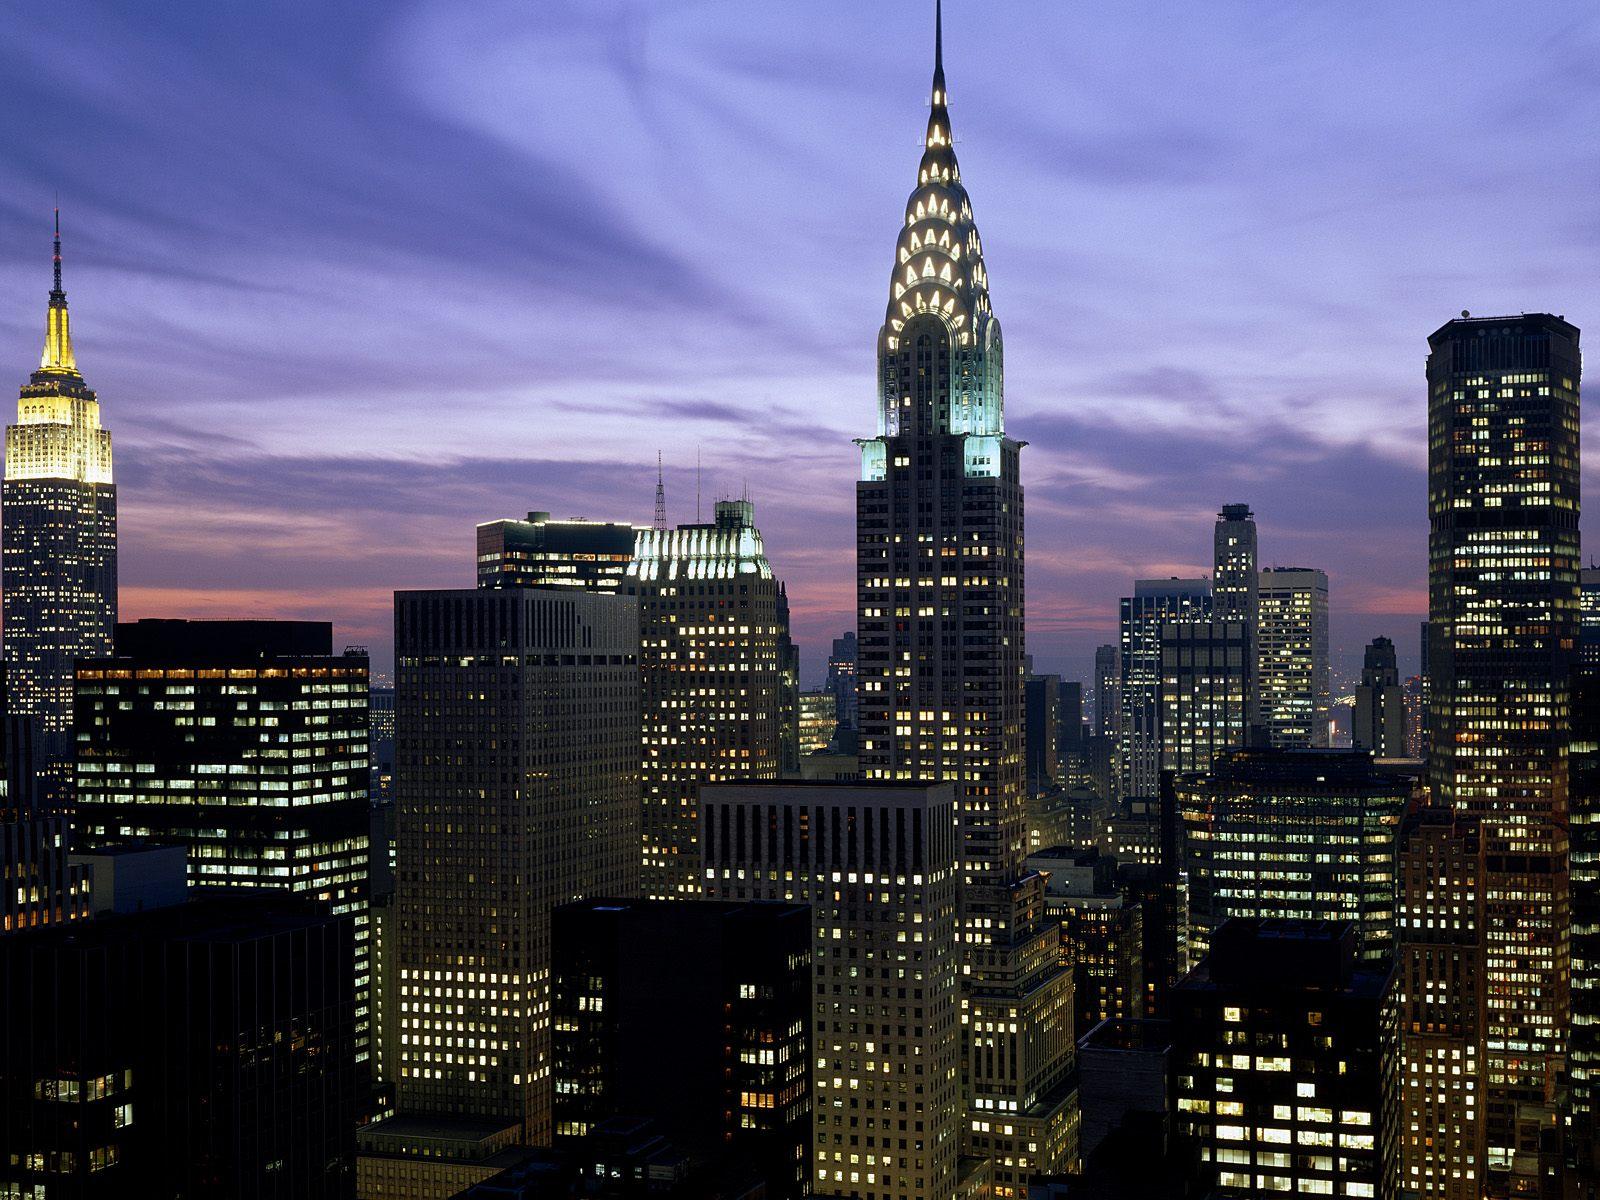 http://1.bp.blogspot.com/--4hg2RKHVZE/T36lfDp7IAI/AAAAAAAAA_U/aeG372ESK0g/s1600/Midtown_Skyline_New_York_wallpaper.jpg